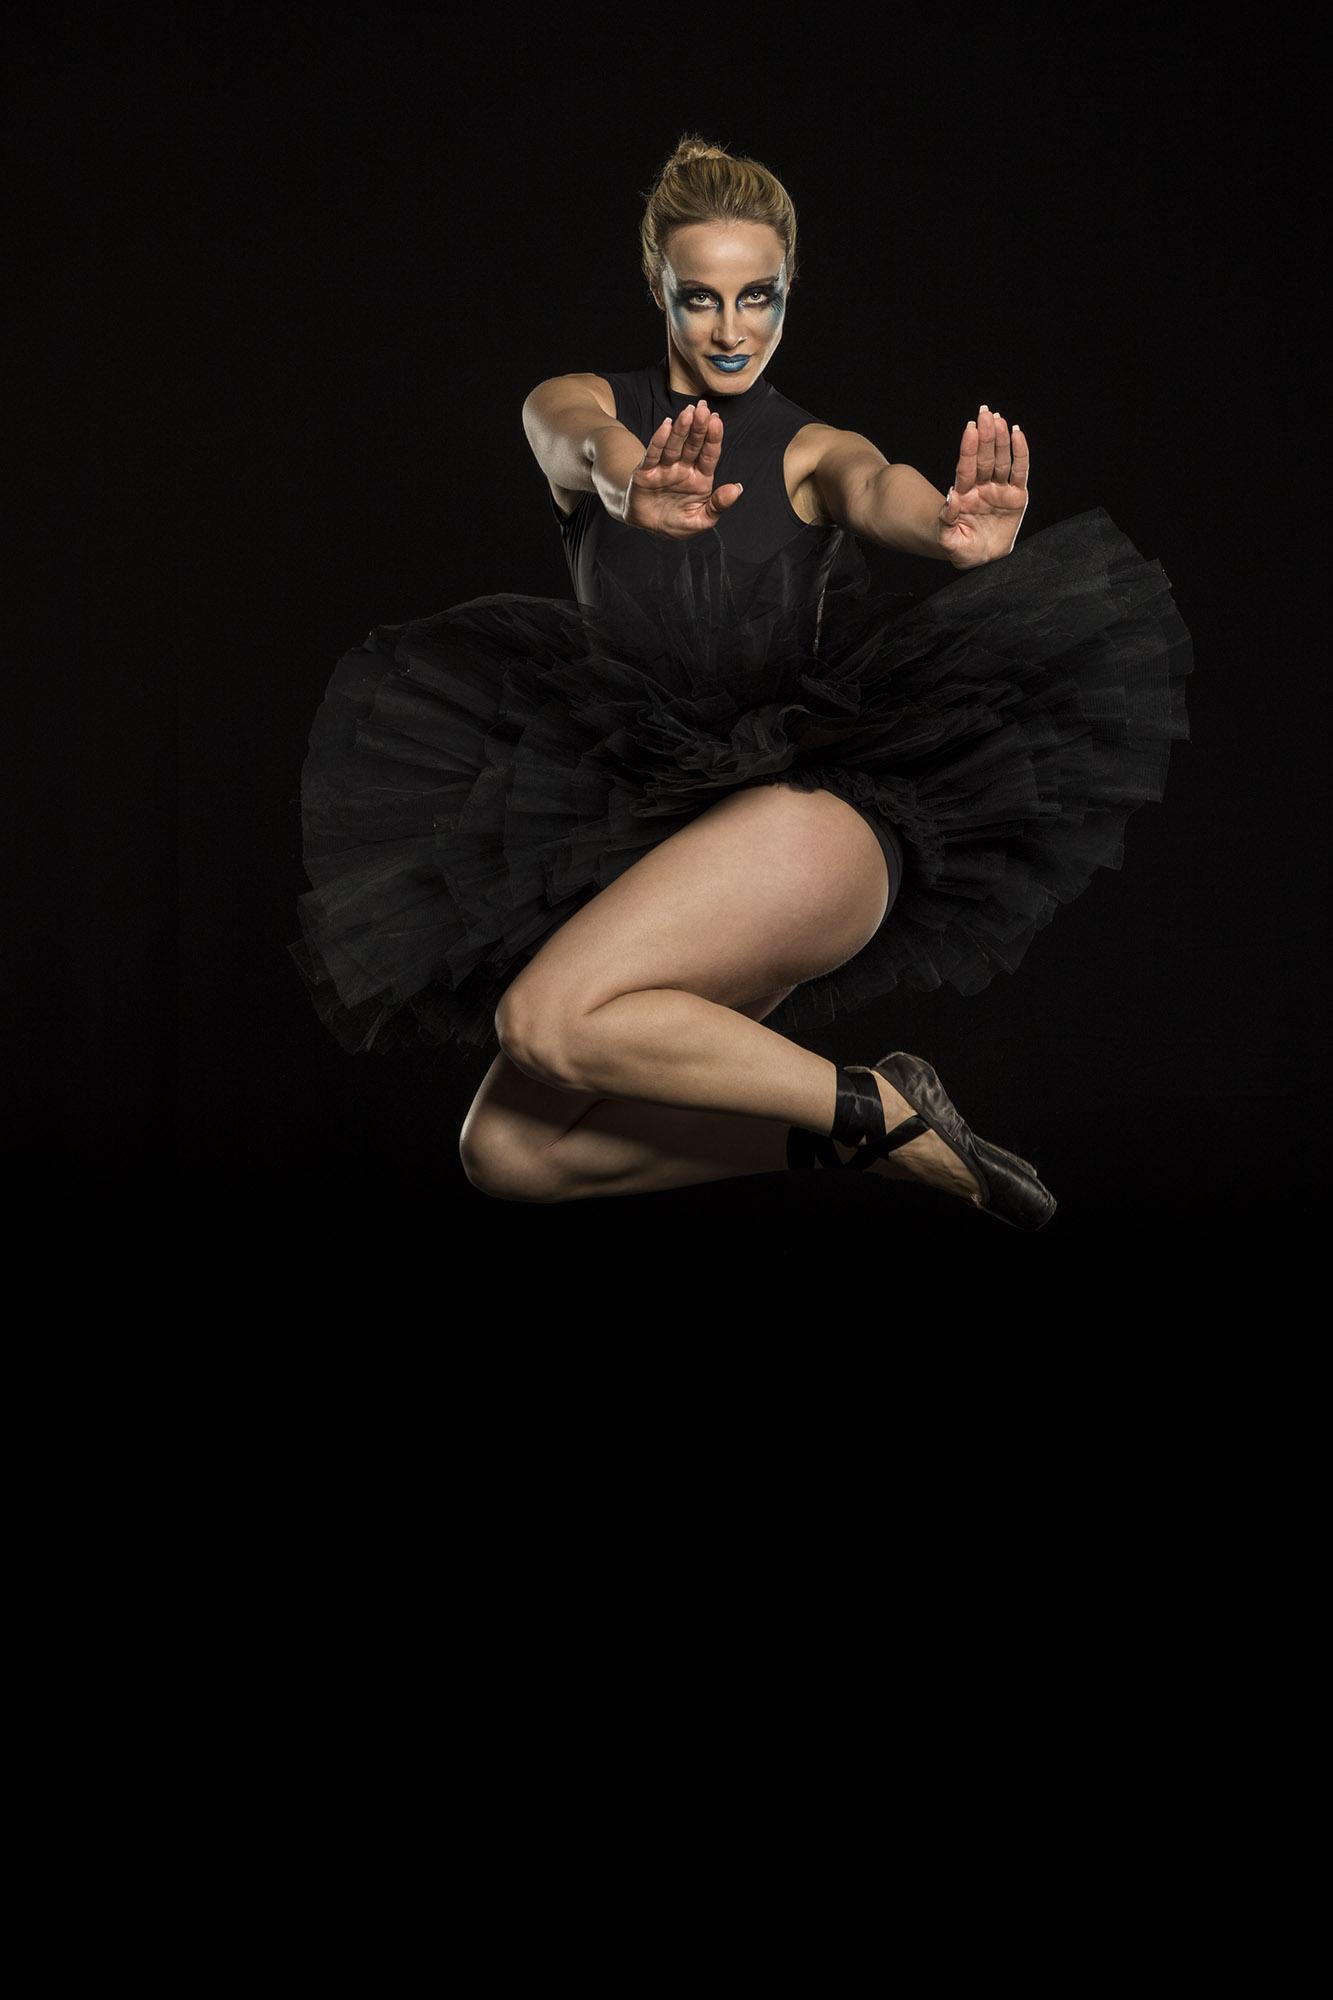 Erika jumping